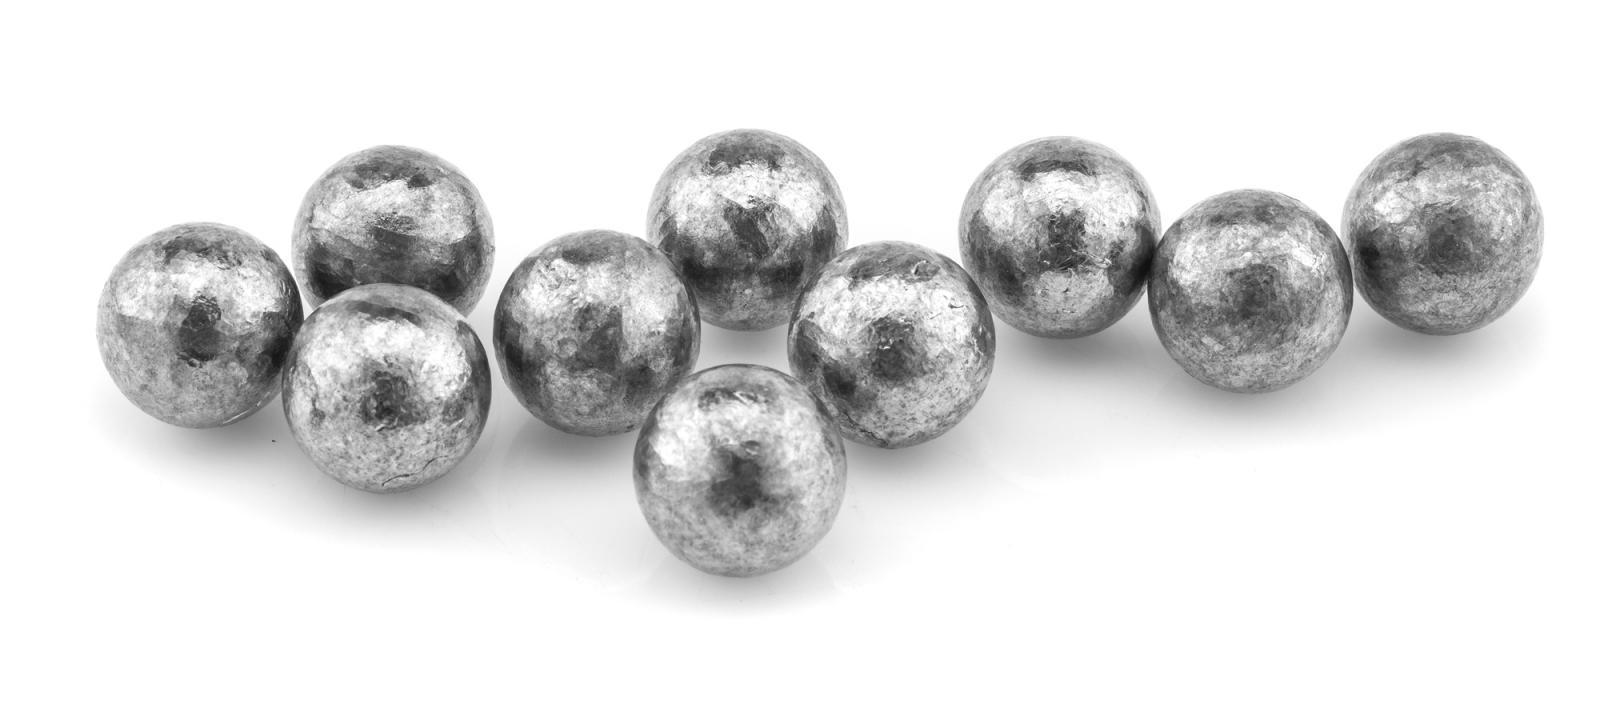 Boite de 100 balles rondes PEDERSOLI cal. 440 USA520440